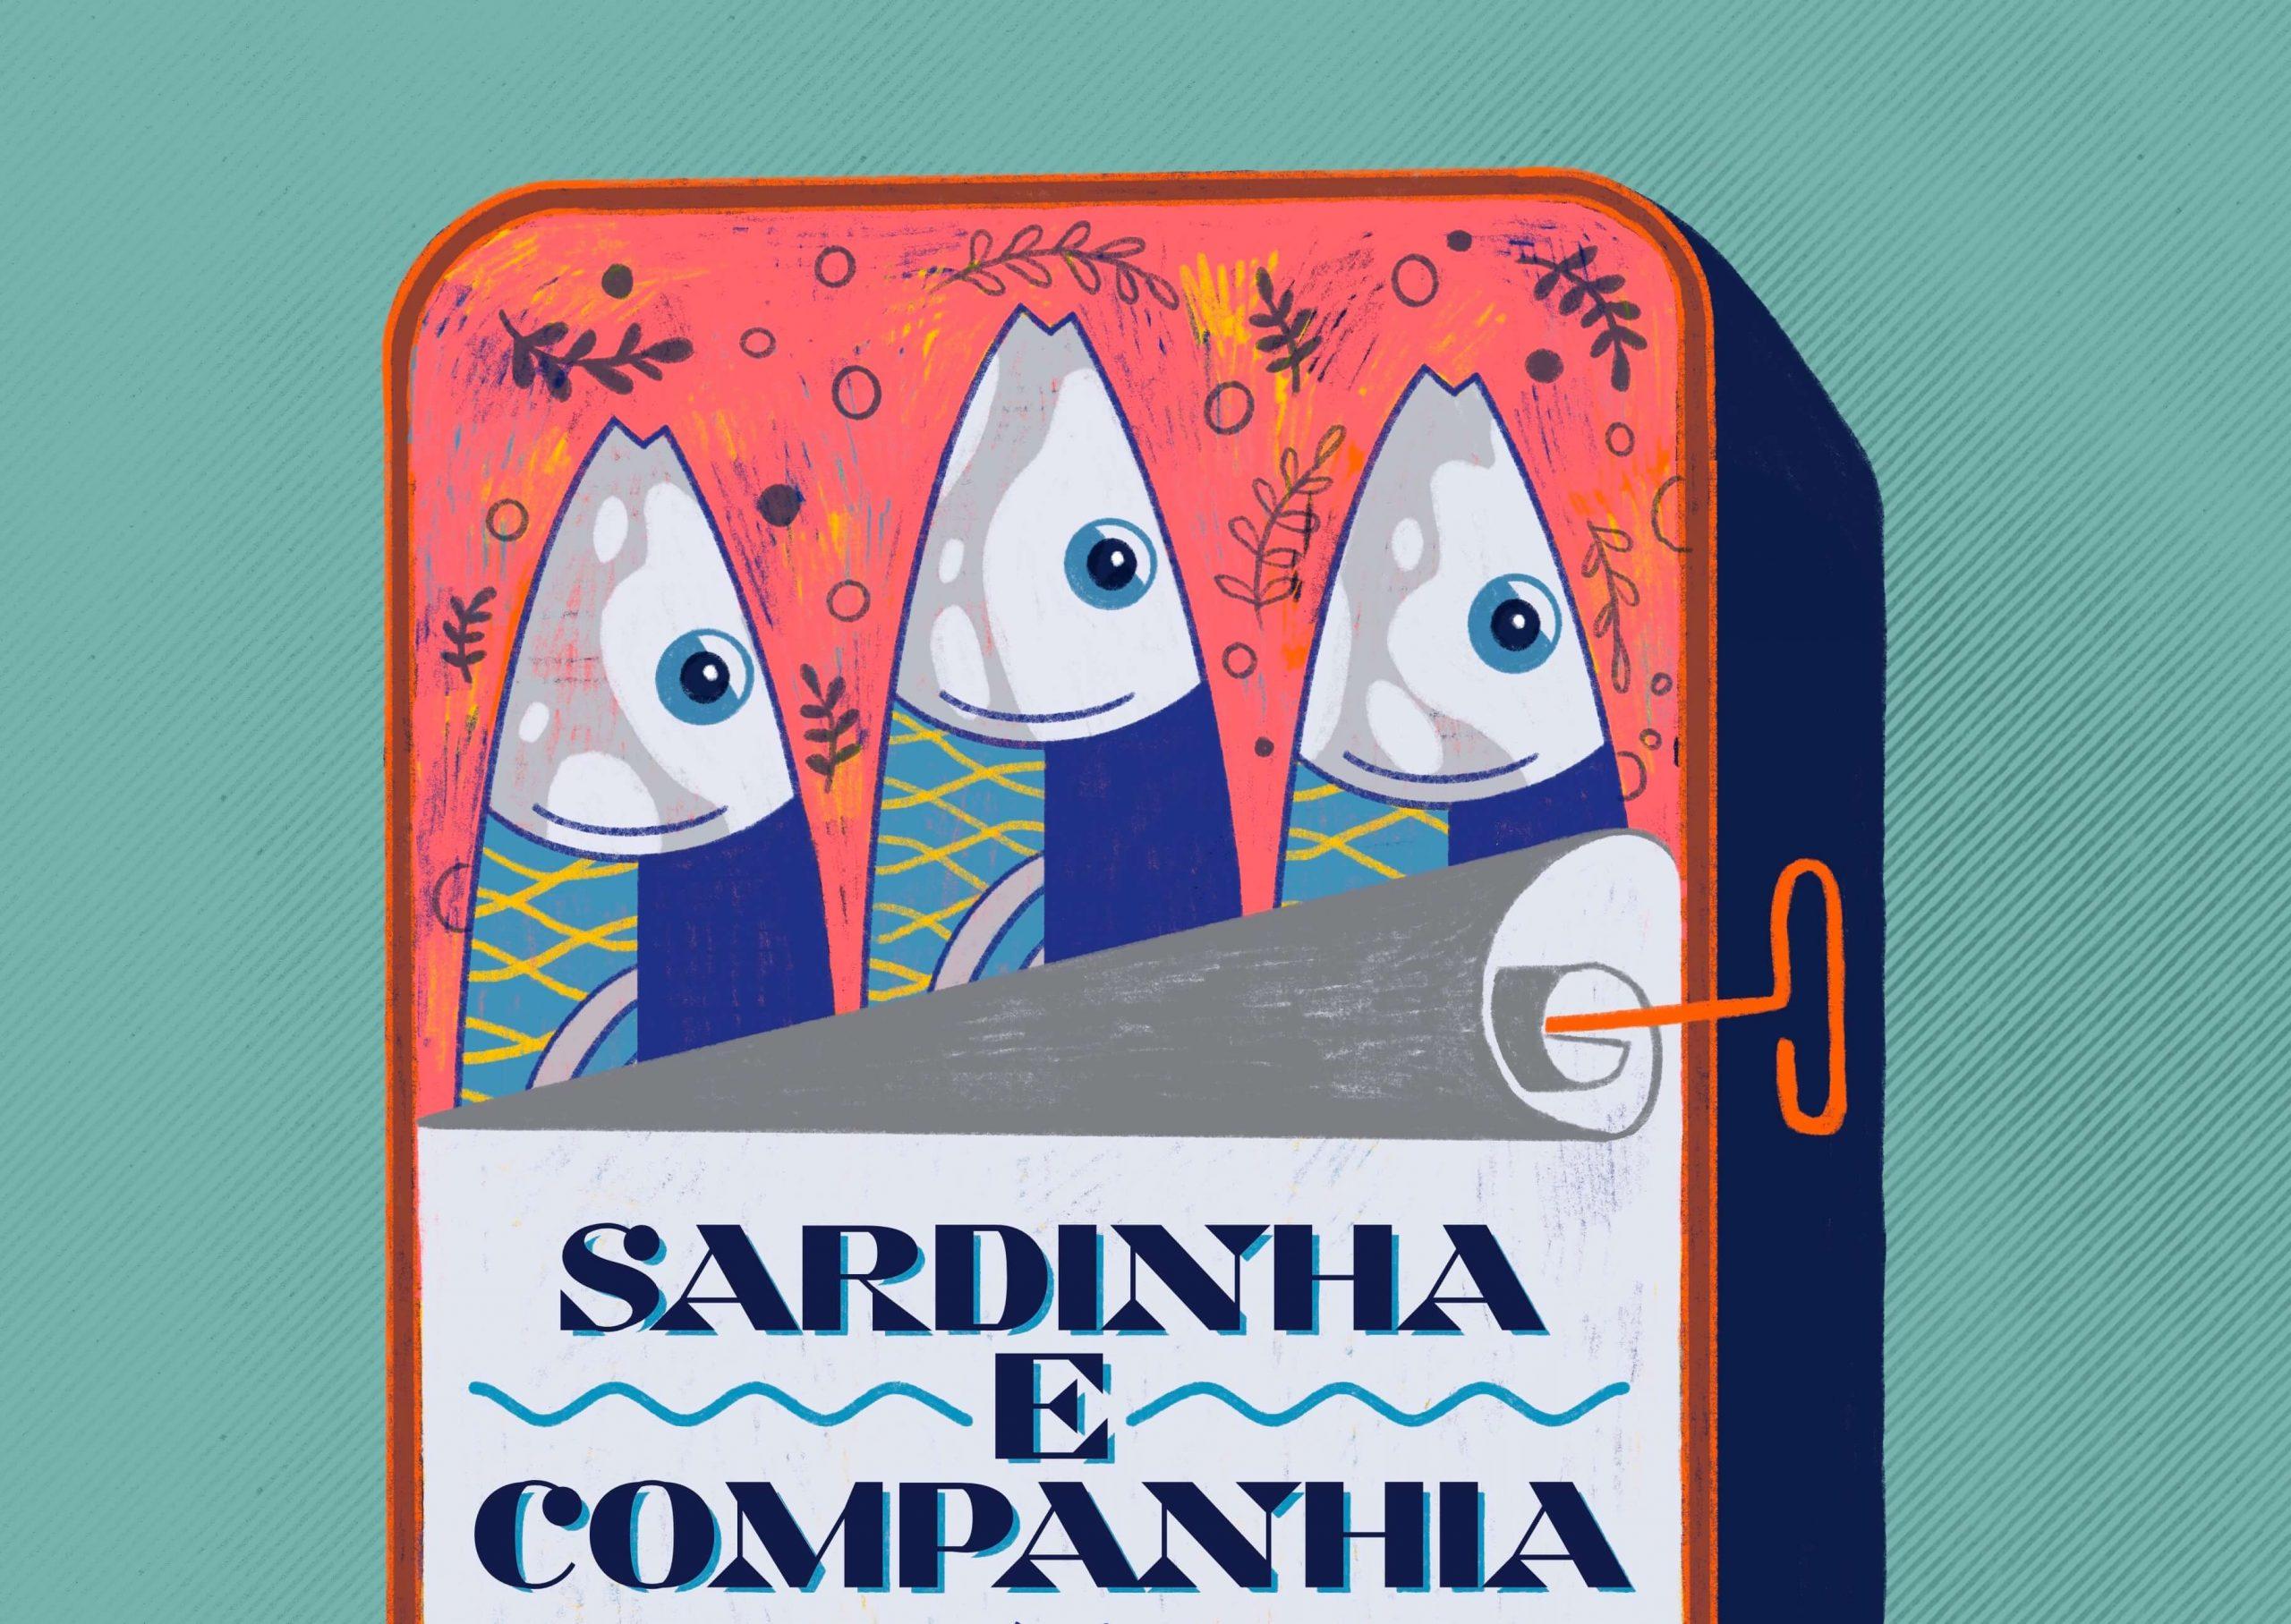 Sardinha e Companhia